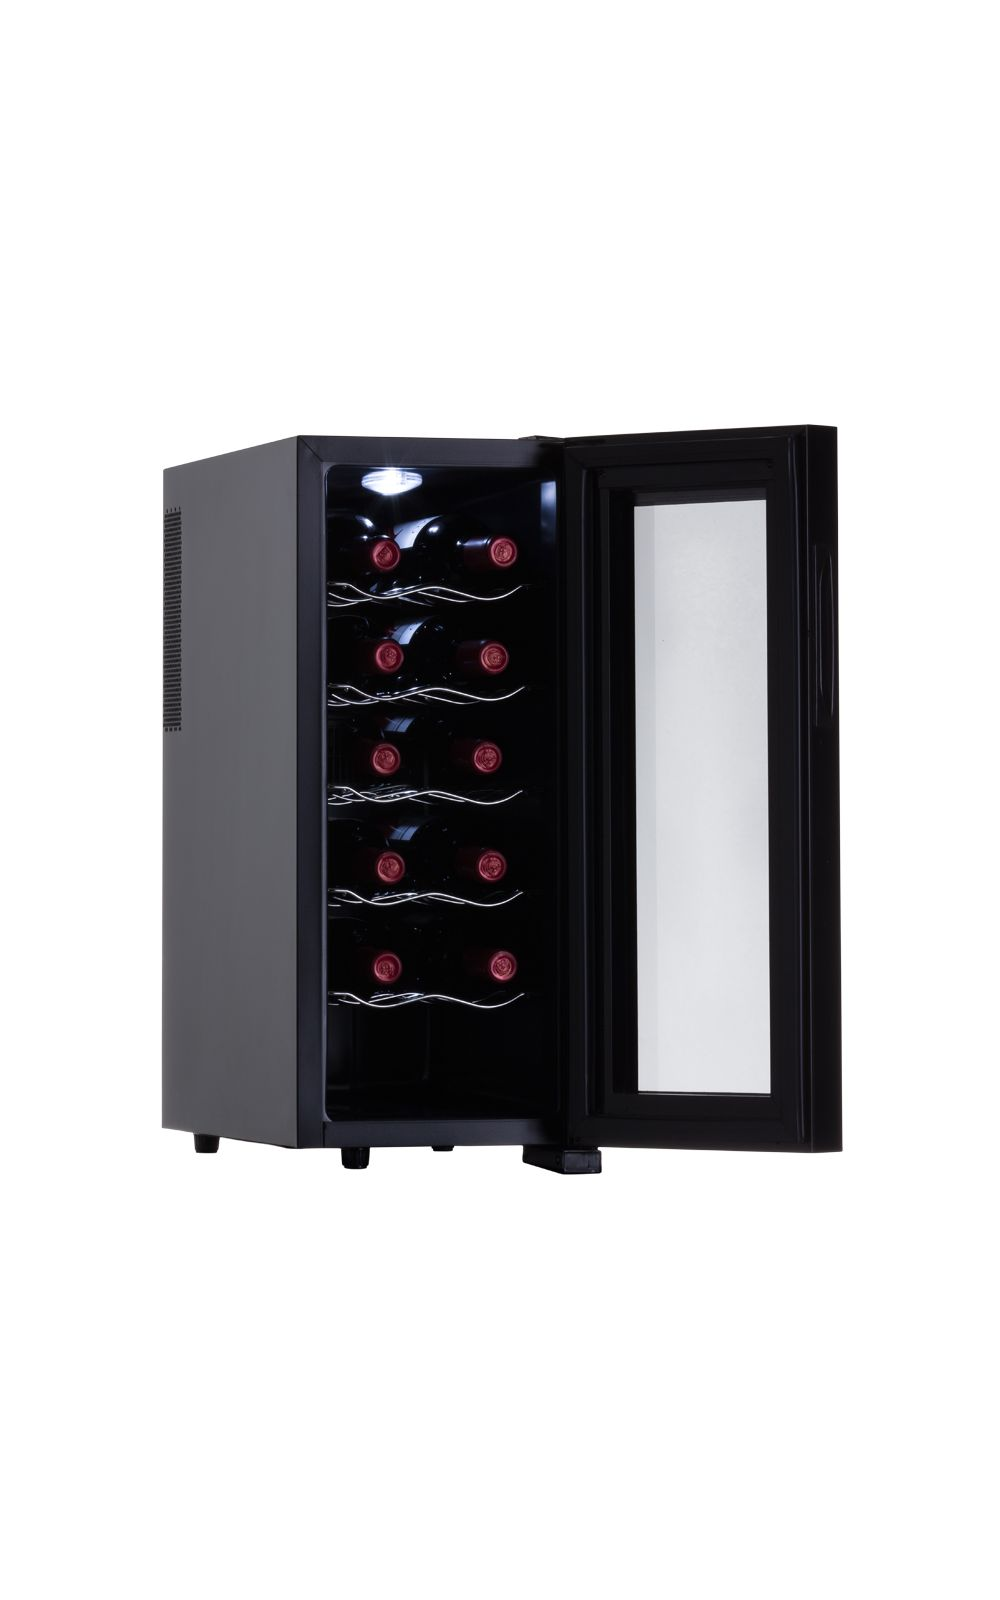 Foto 3 - Adega de vinho 12 garrafas (termoelétrica) Easy Cooler -220V jc-33c